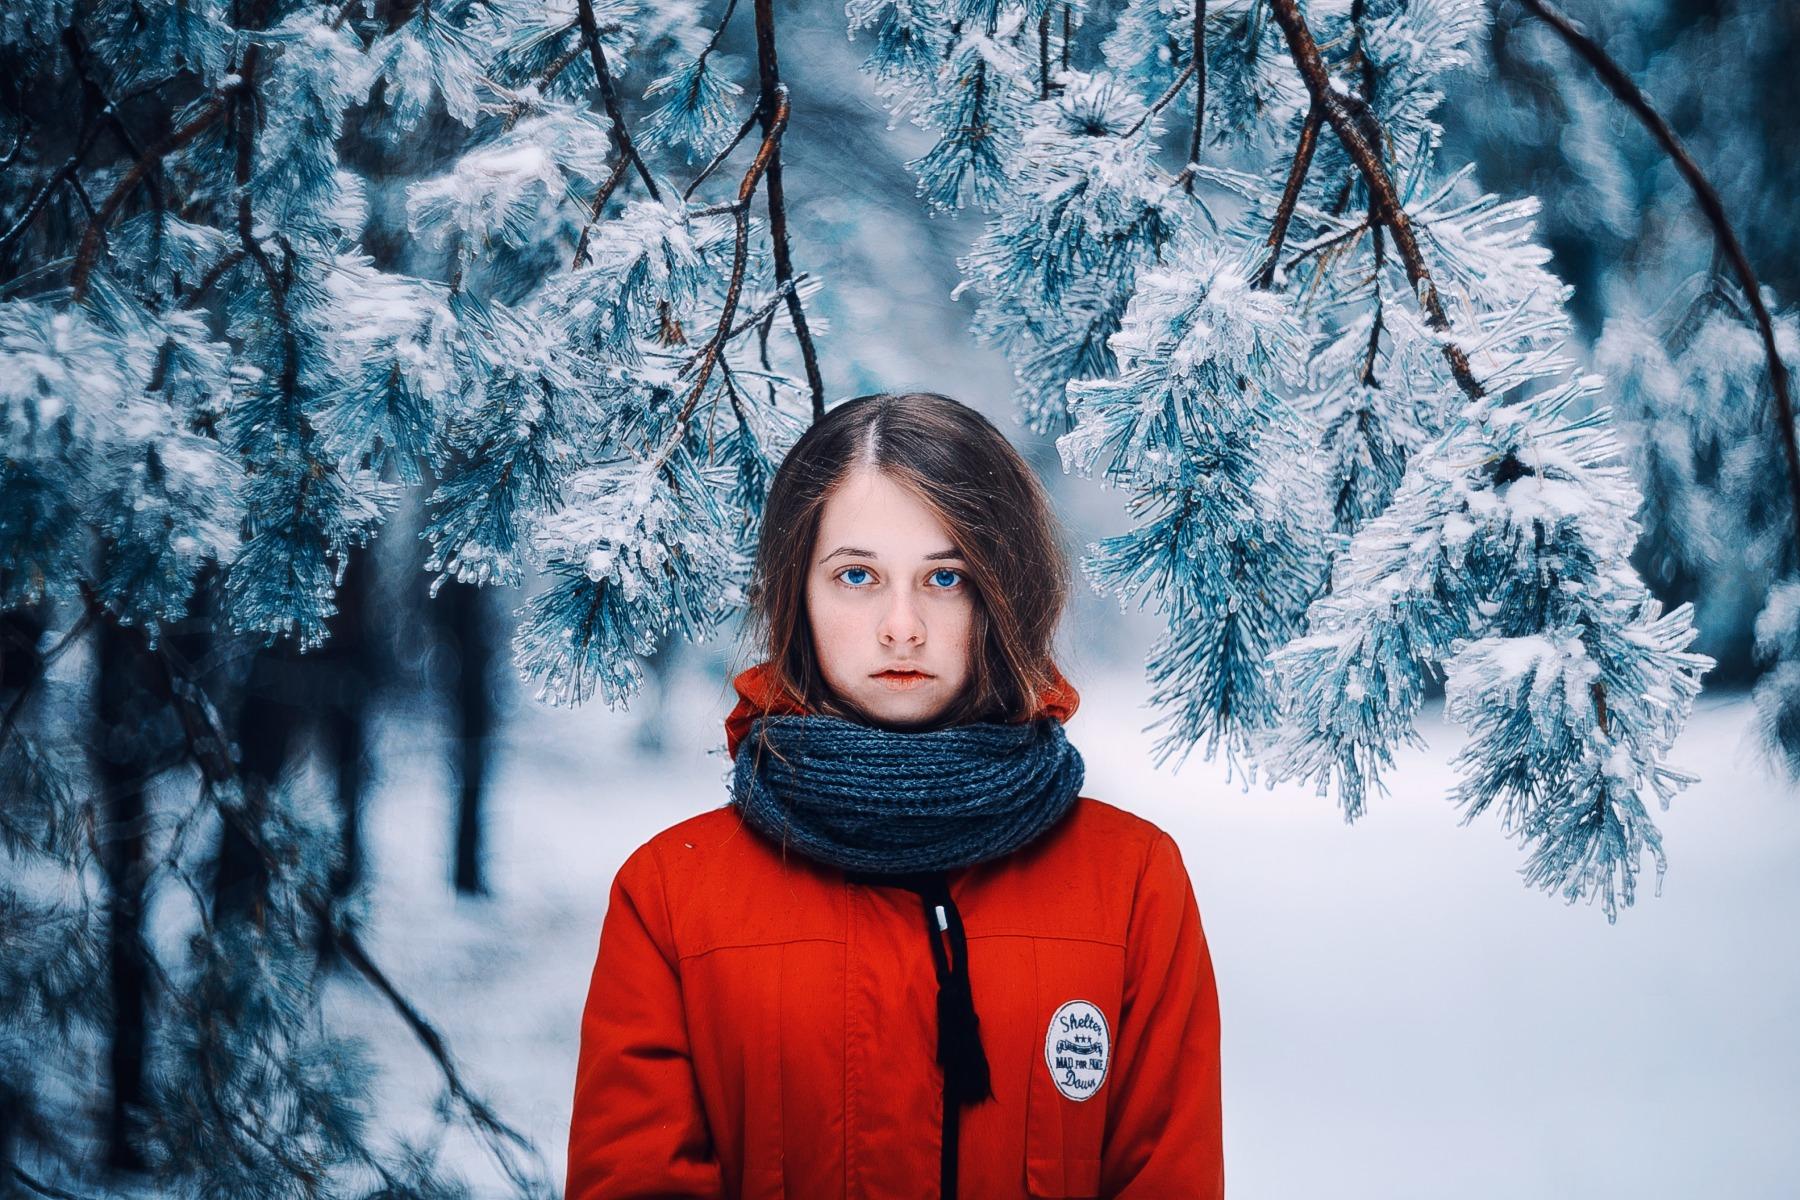 как правильно фотографировать природу зимой люблю таких